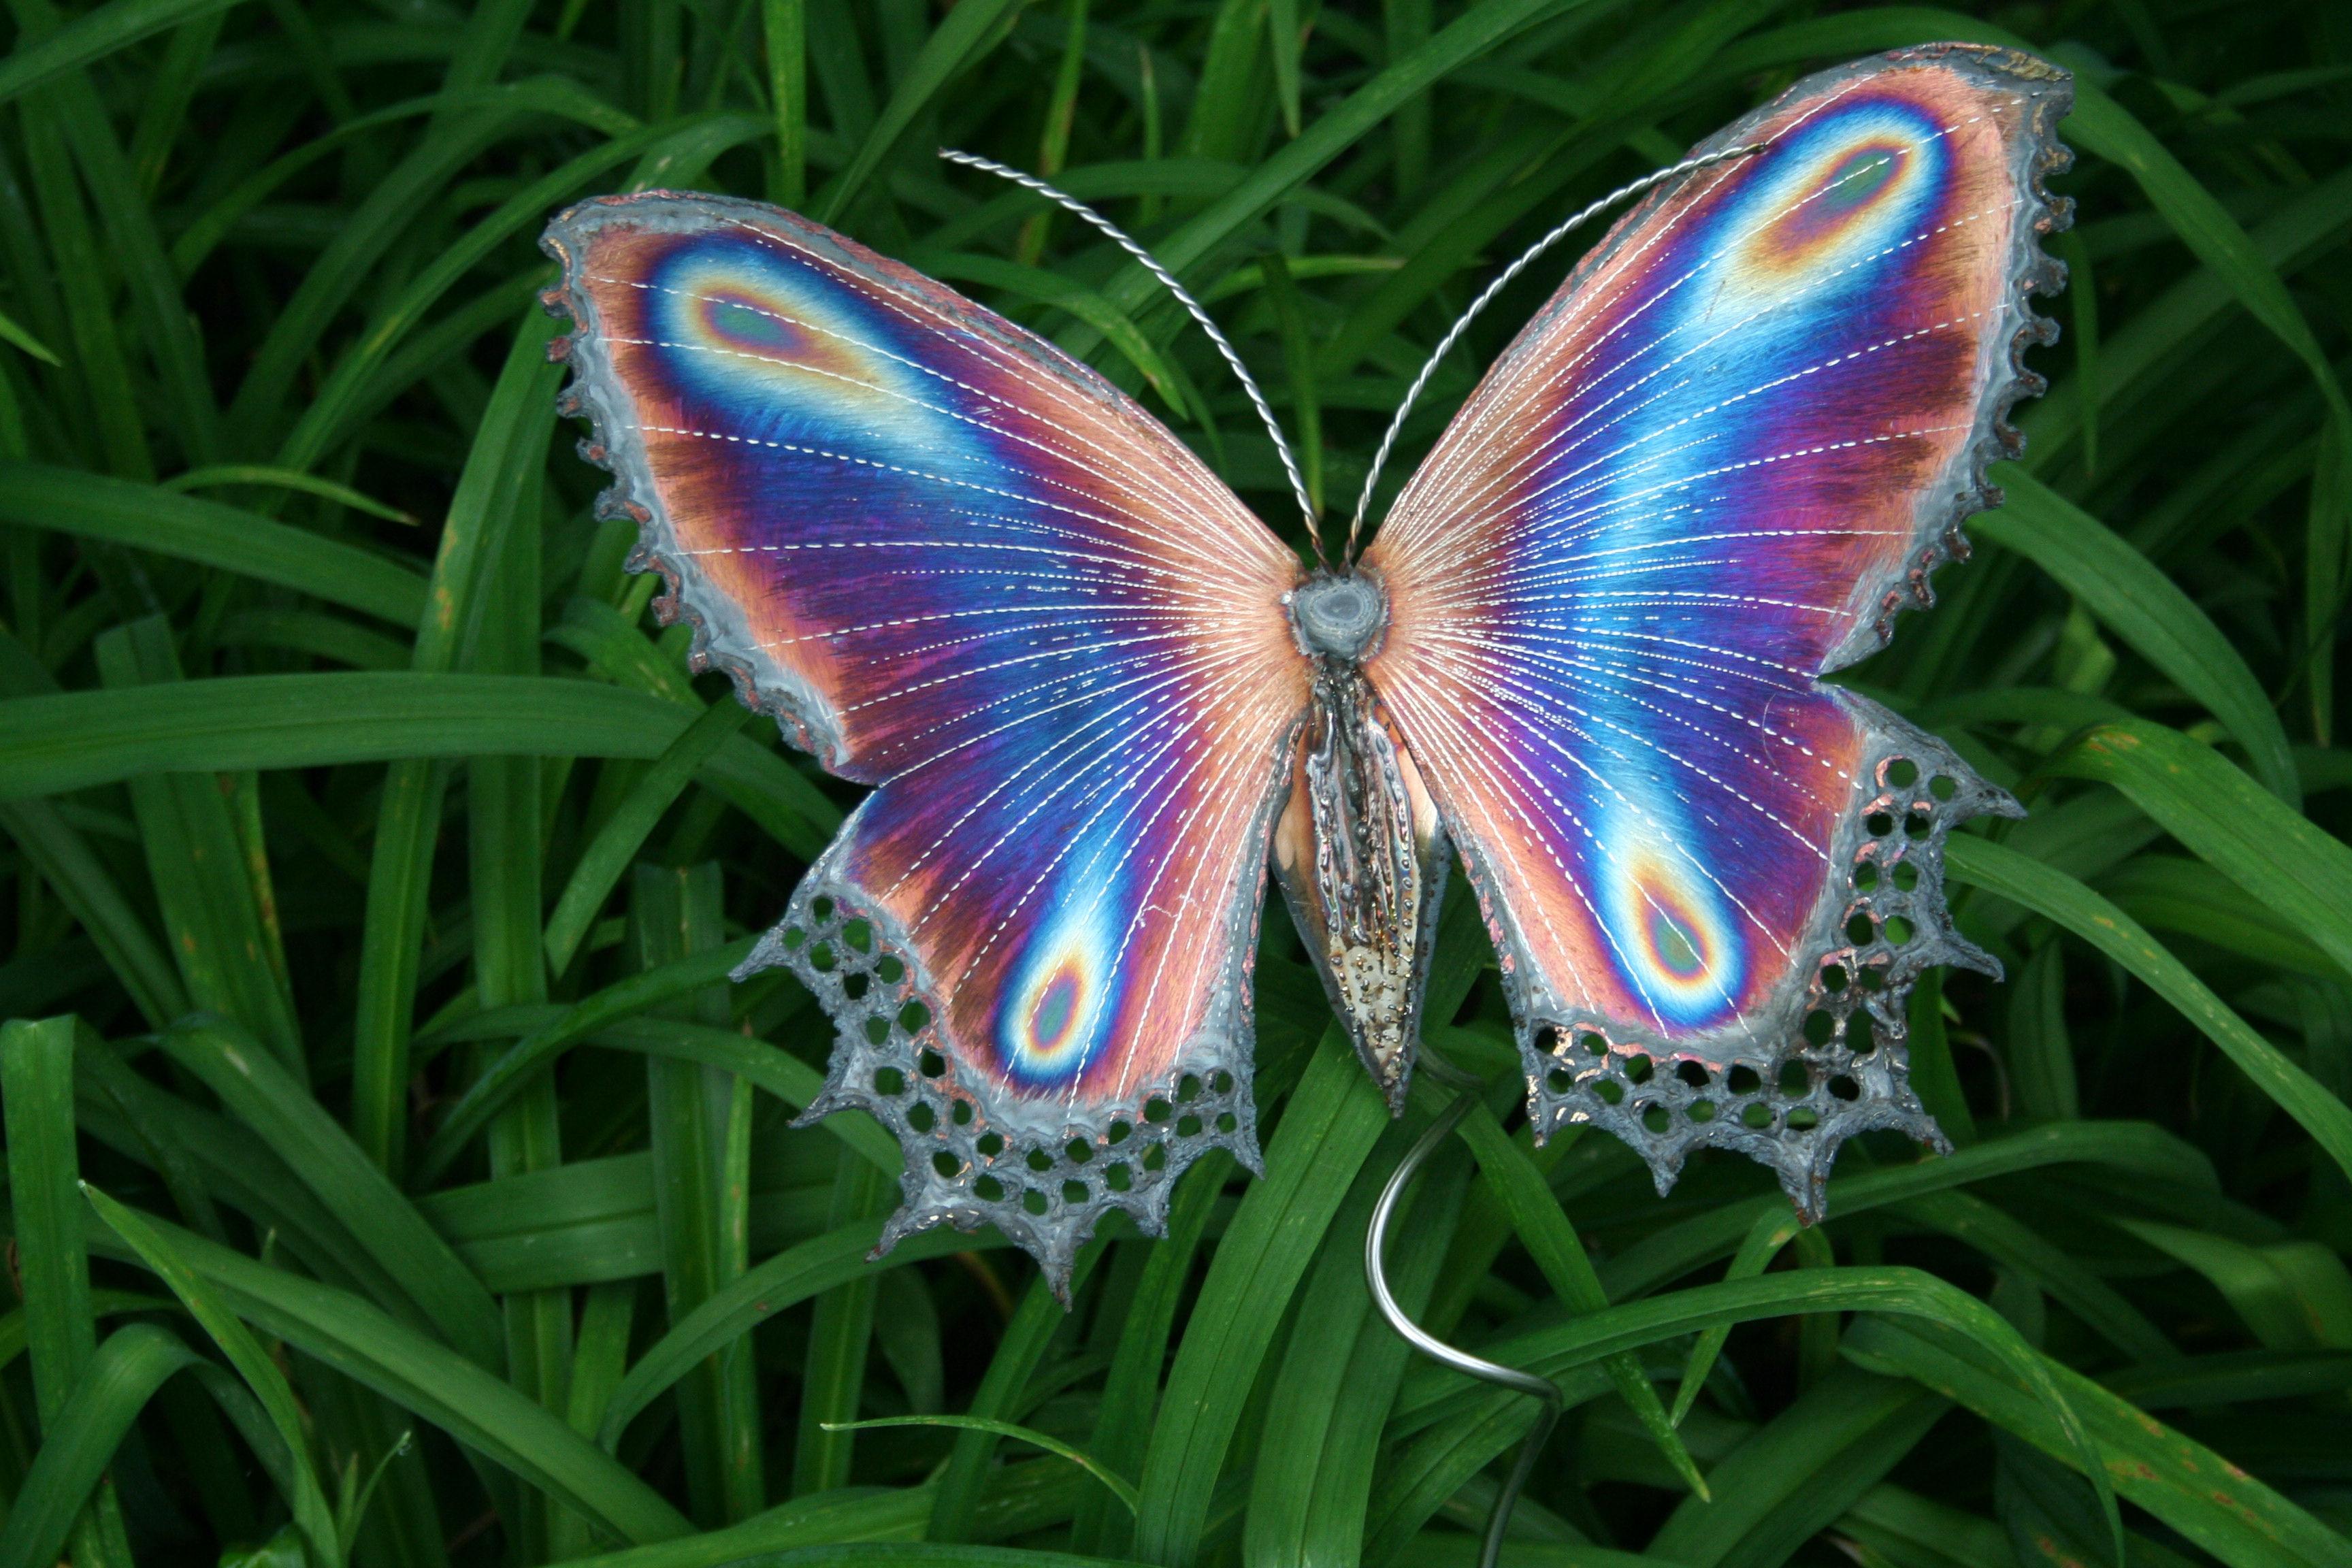 Fonds D 39 Cran Papillon Maximumwallhd